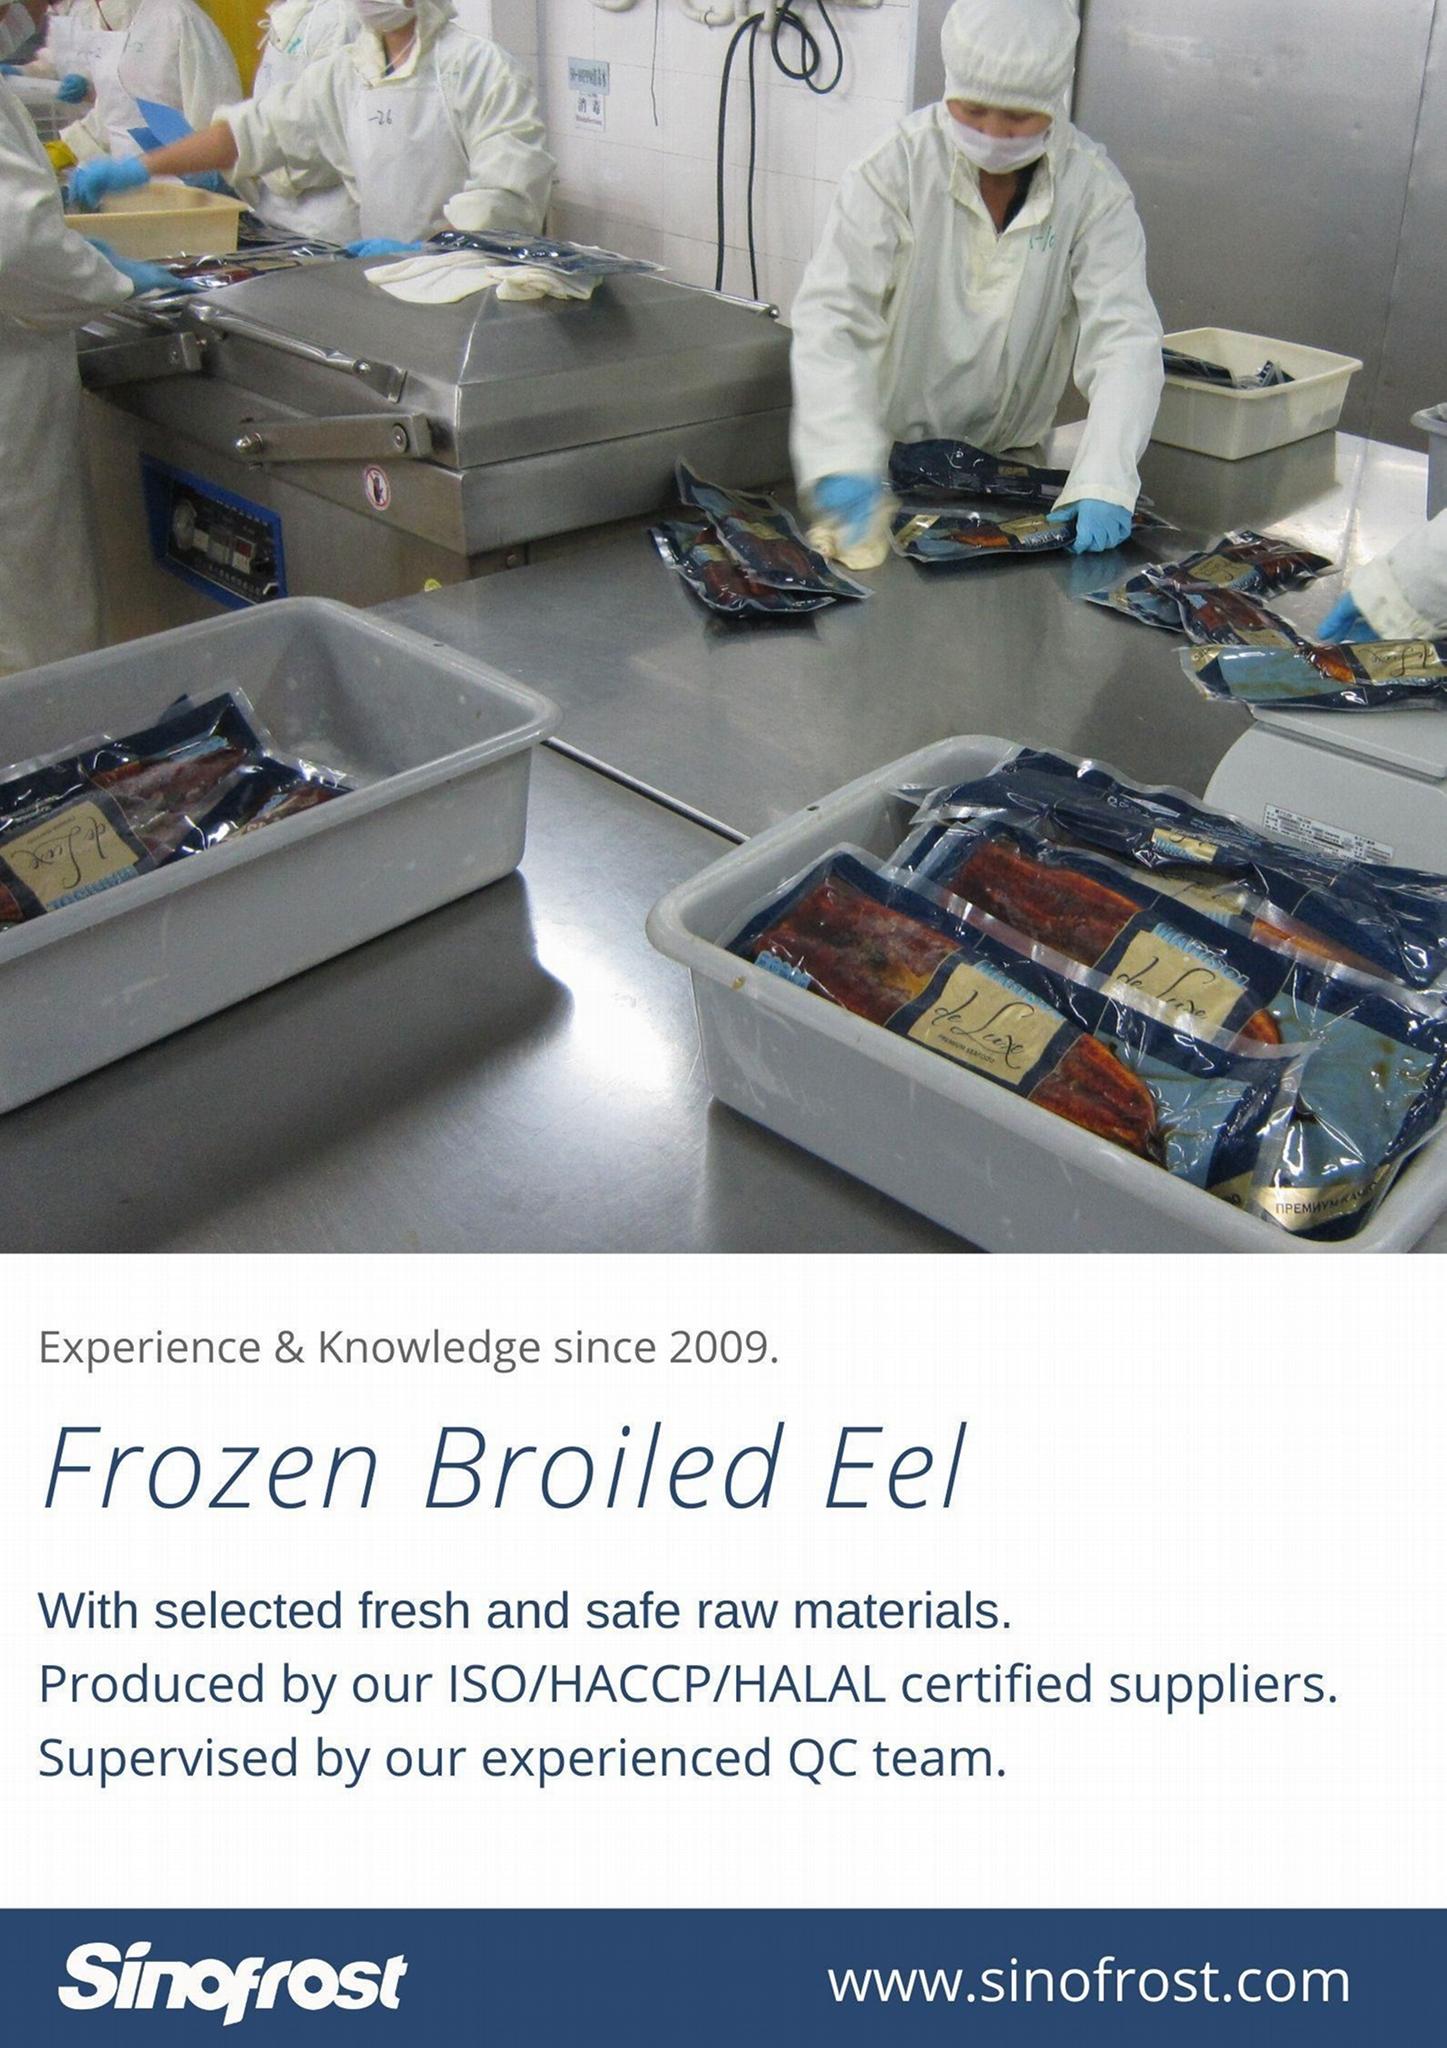 IVP Packed, Frozen Roasted Eel,Frozen Grilled Eel,Unagi Kabayaki in vacuum bag 16